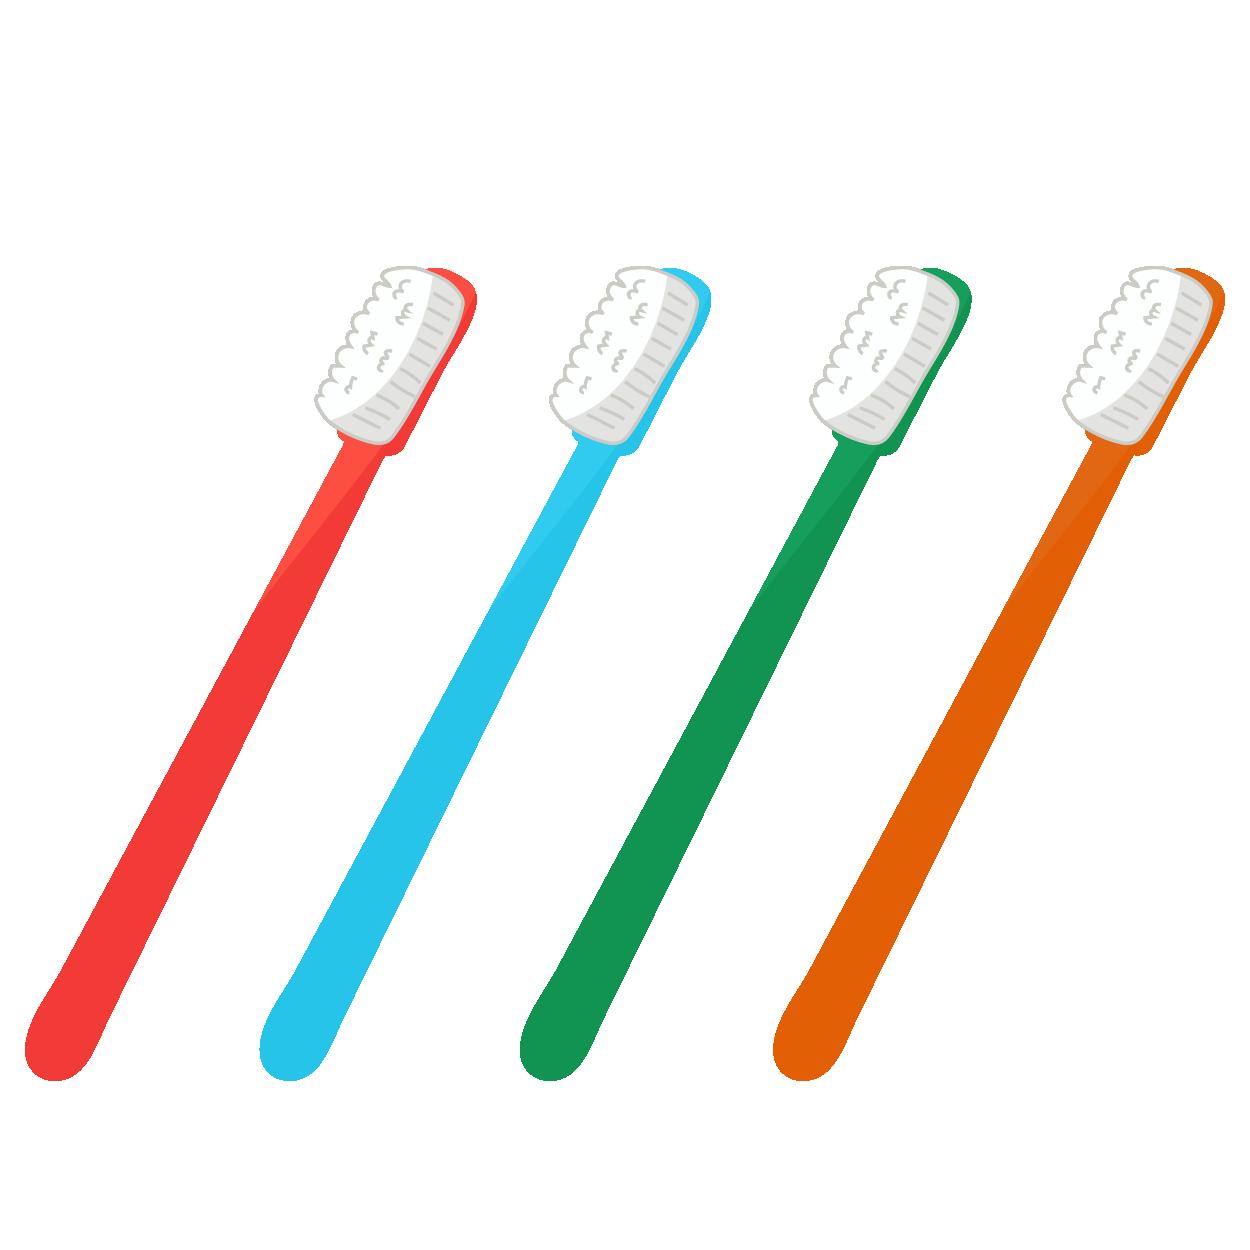 ベネッセ 無料 歯ブラシ ベネッセ無料プレゼント!2020年最新